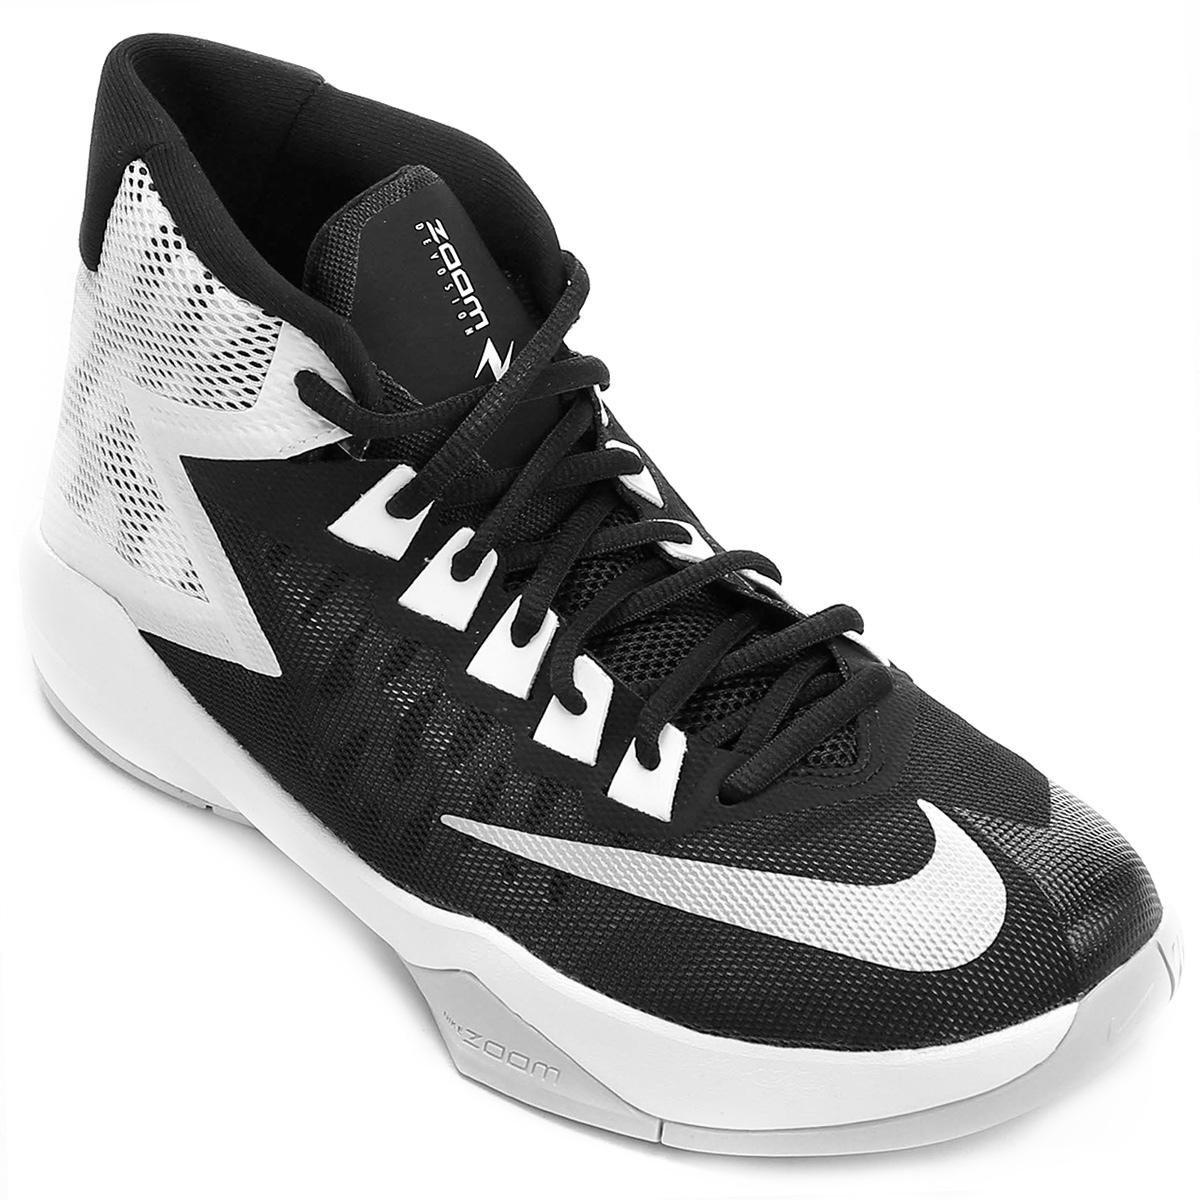 316894e5a2c Tênis Nike Zoom Devosion - Prata e Preto - Compre Agora